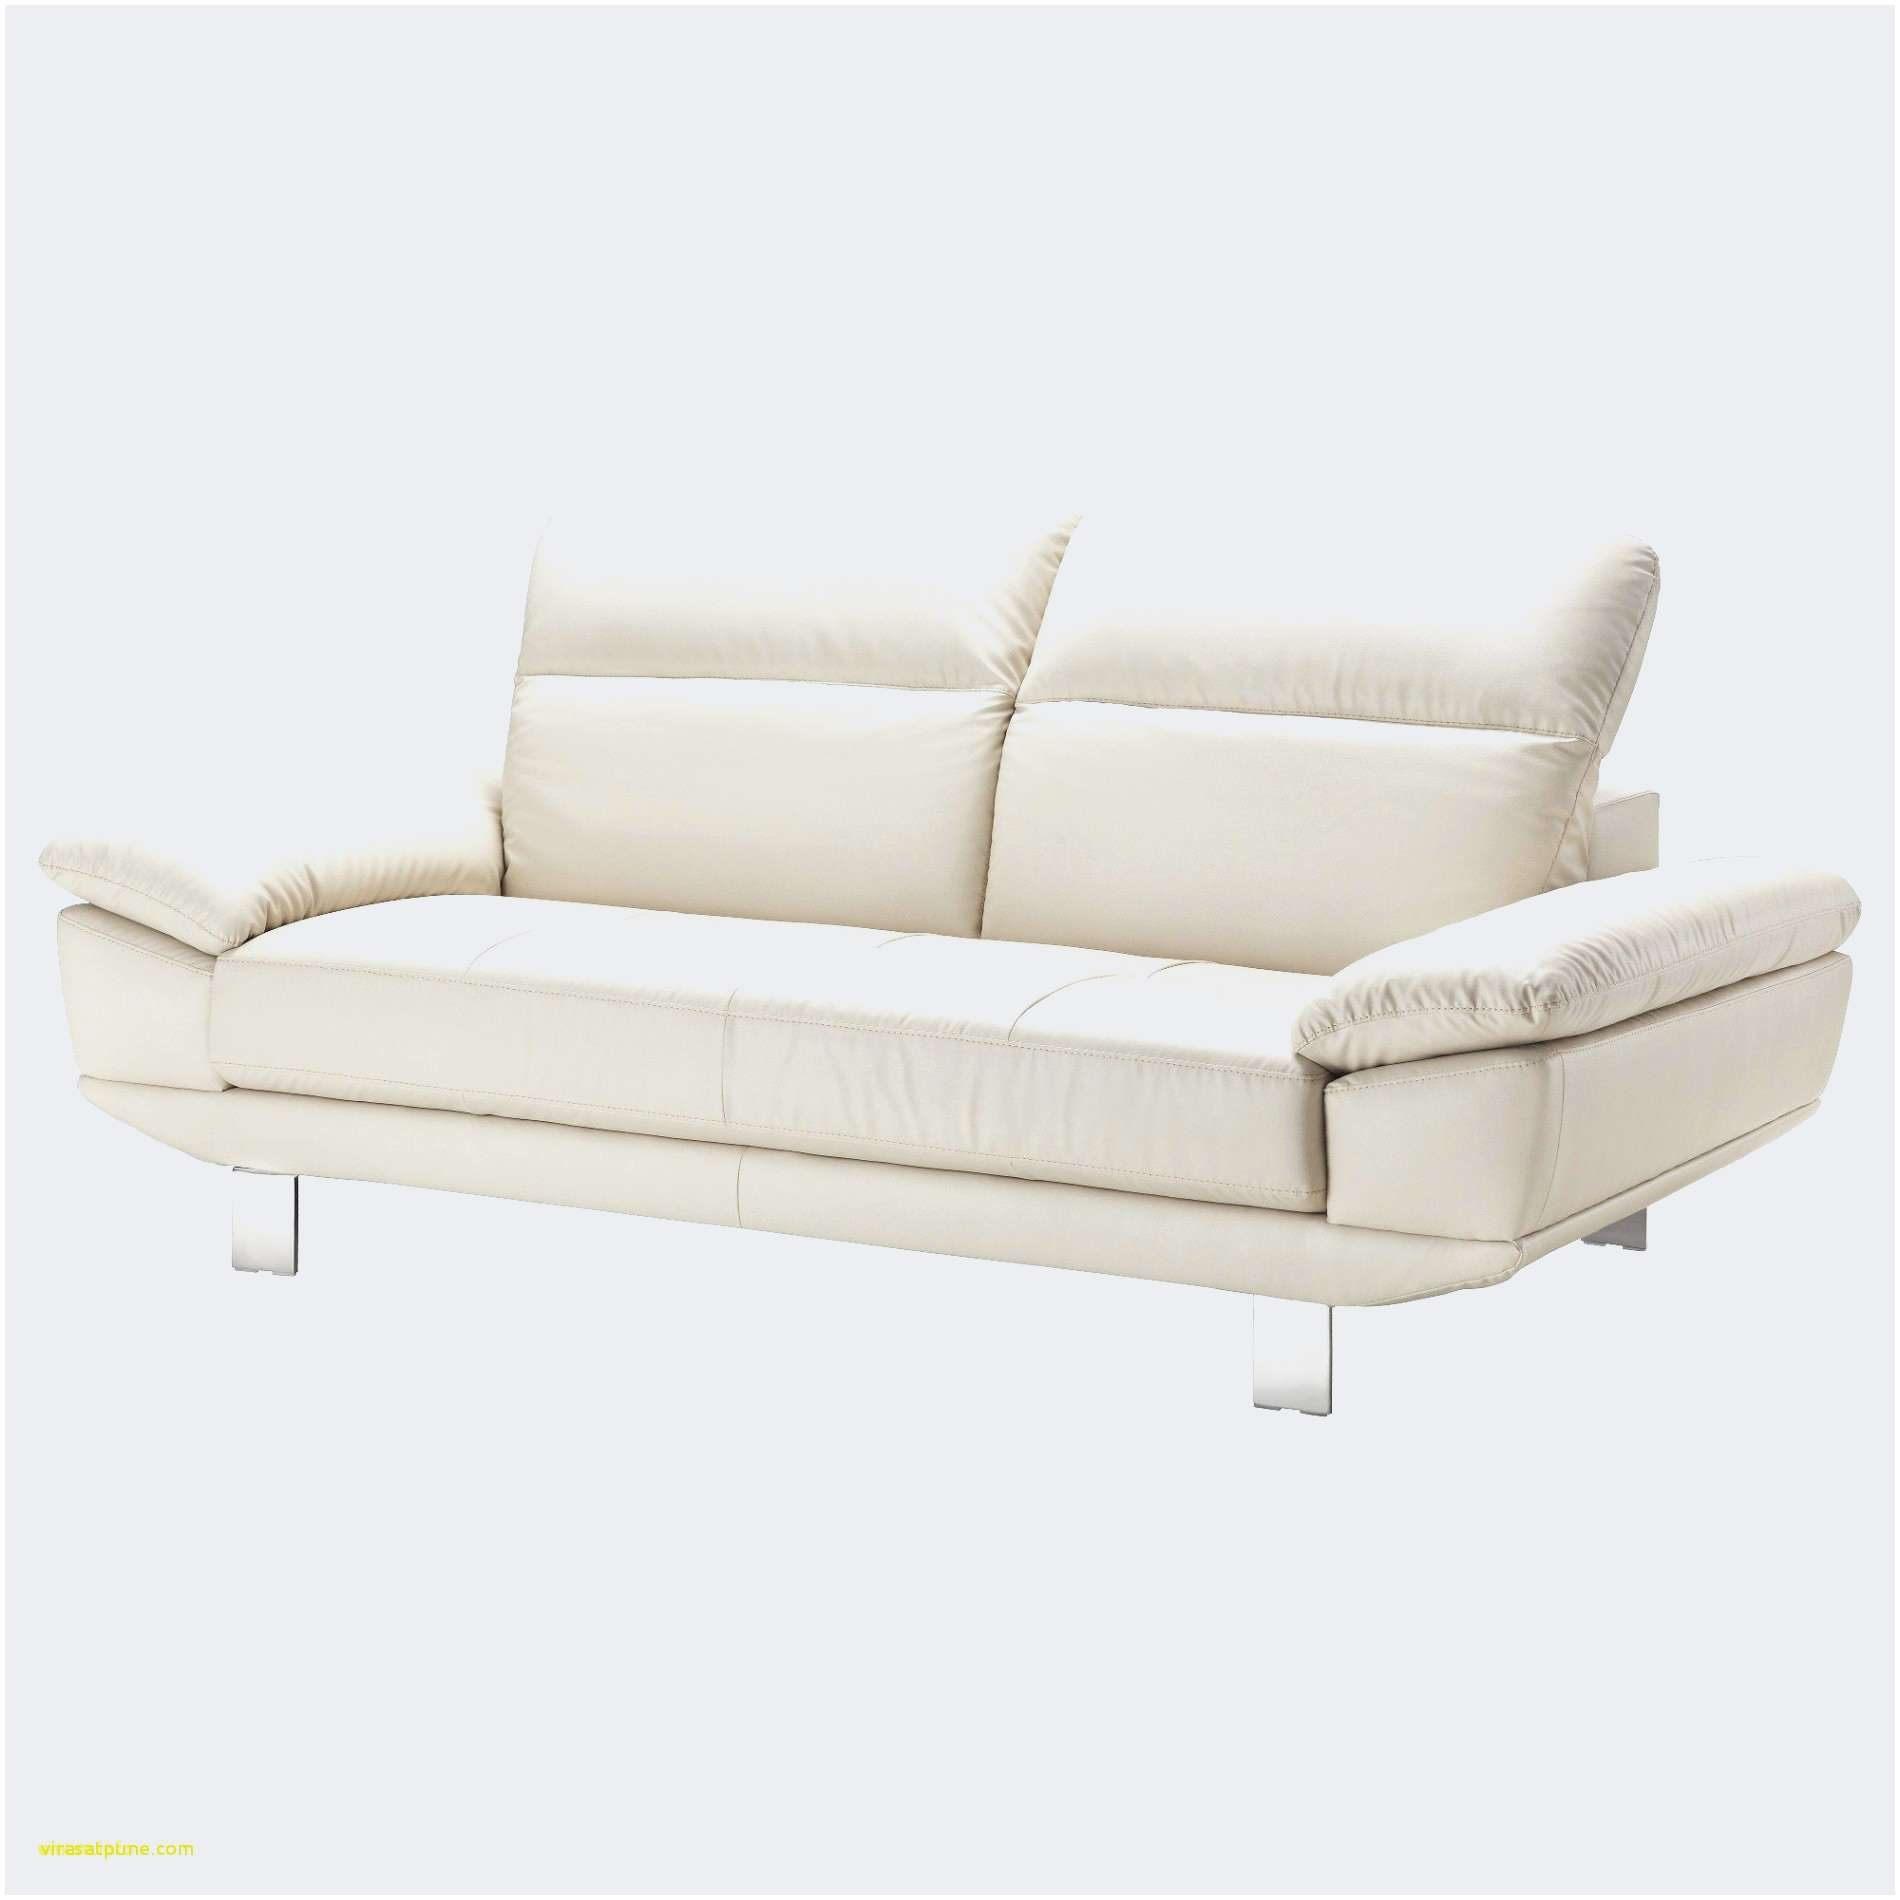 Canapé D Angle Lit Pas Cher Agréable Unique Canapé 3 Places Ikea Inspirant Canap D Angle Imitation Cuir